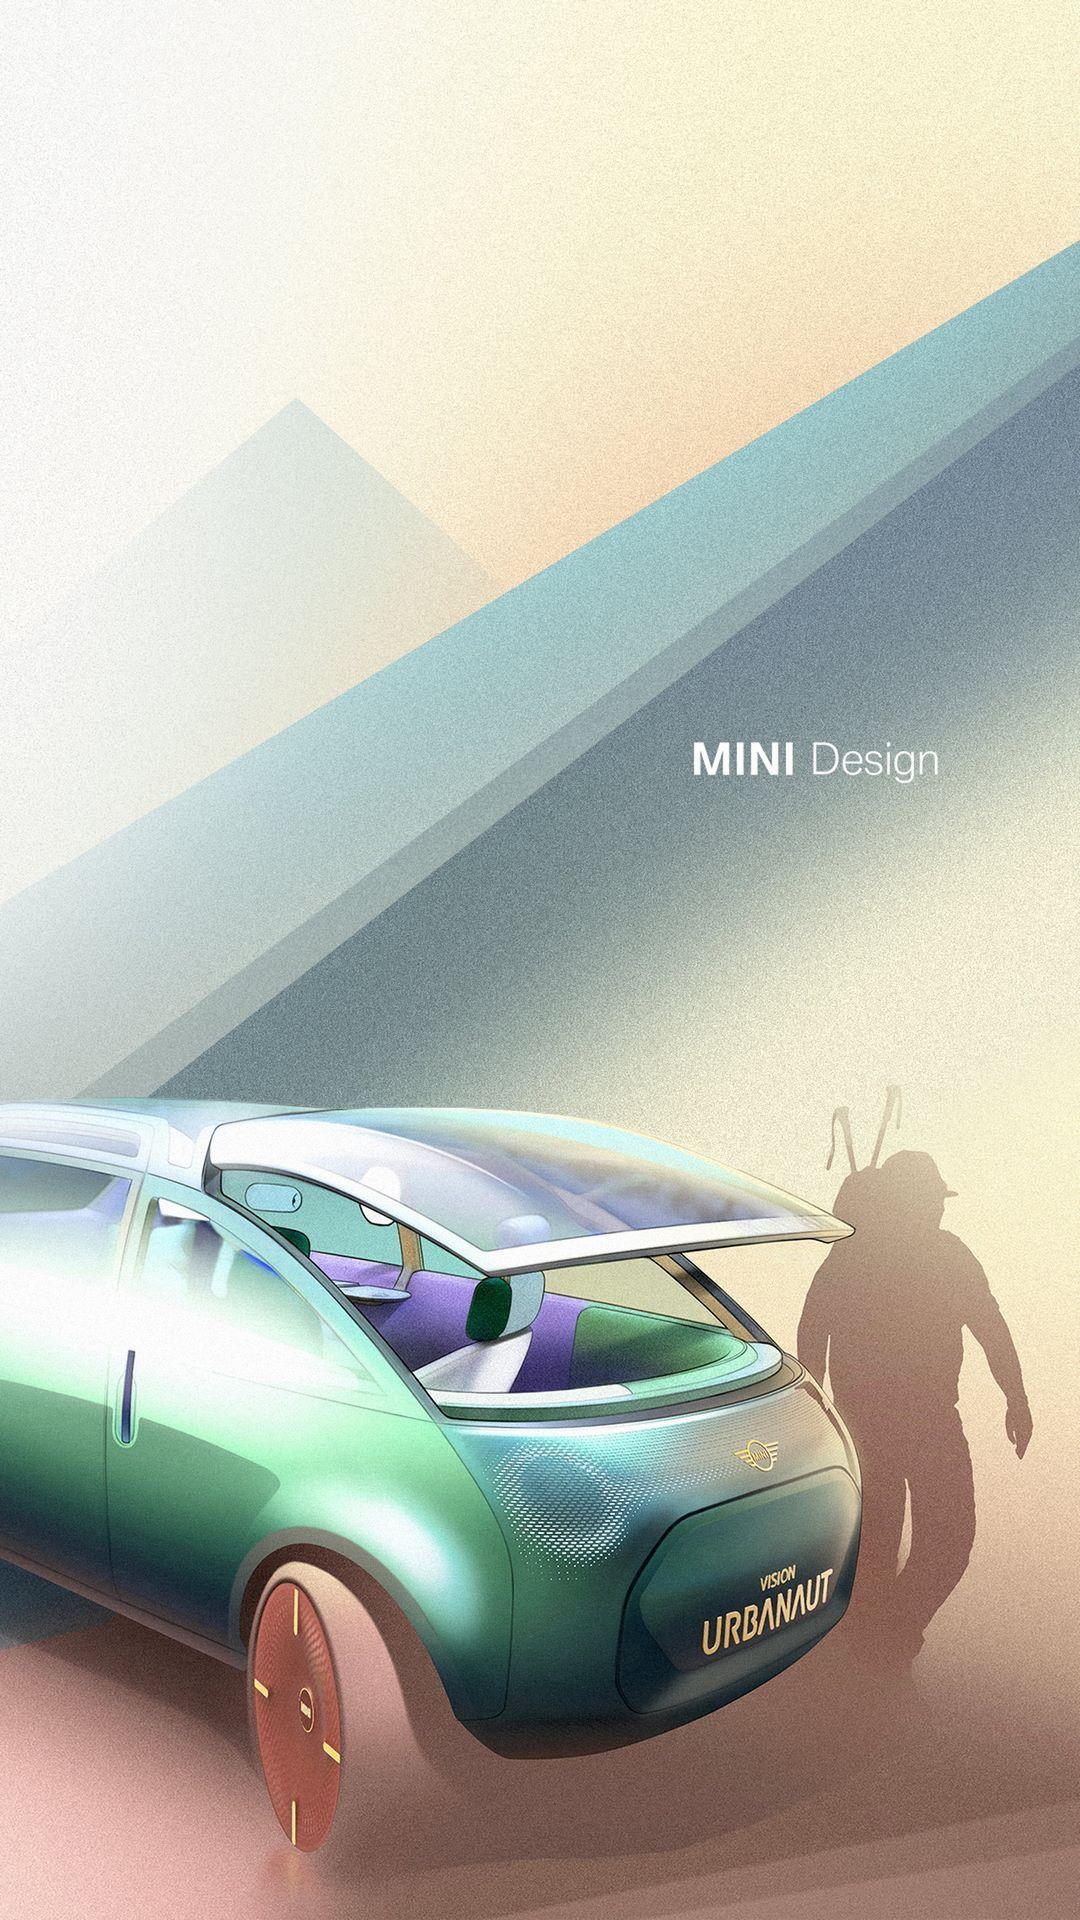 MINI-Vision-Urbanaut-43